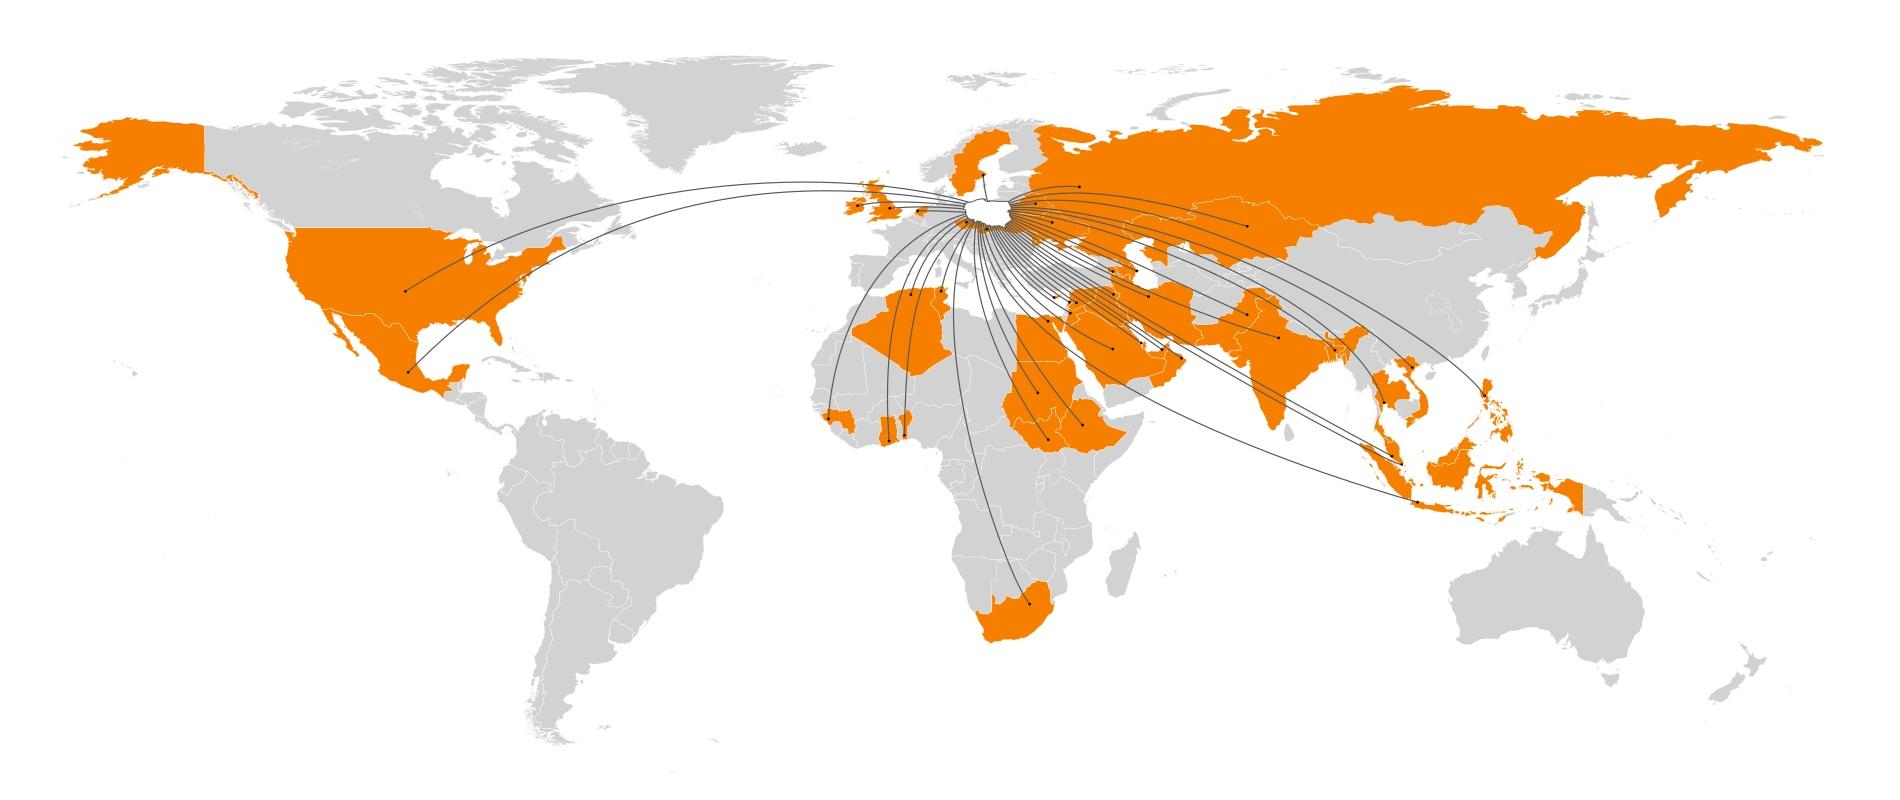 enki-map-43-countries-web